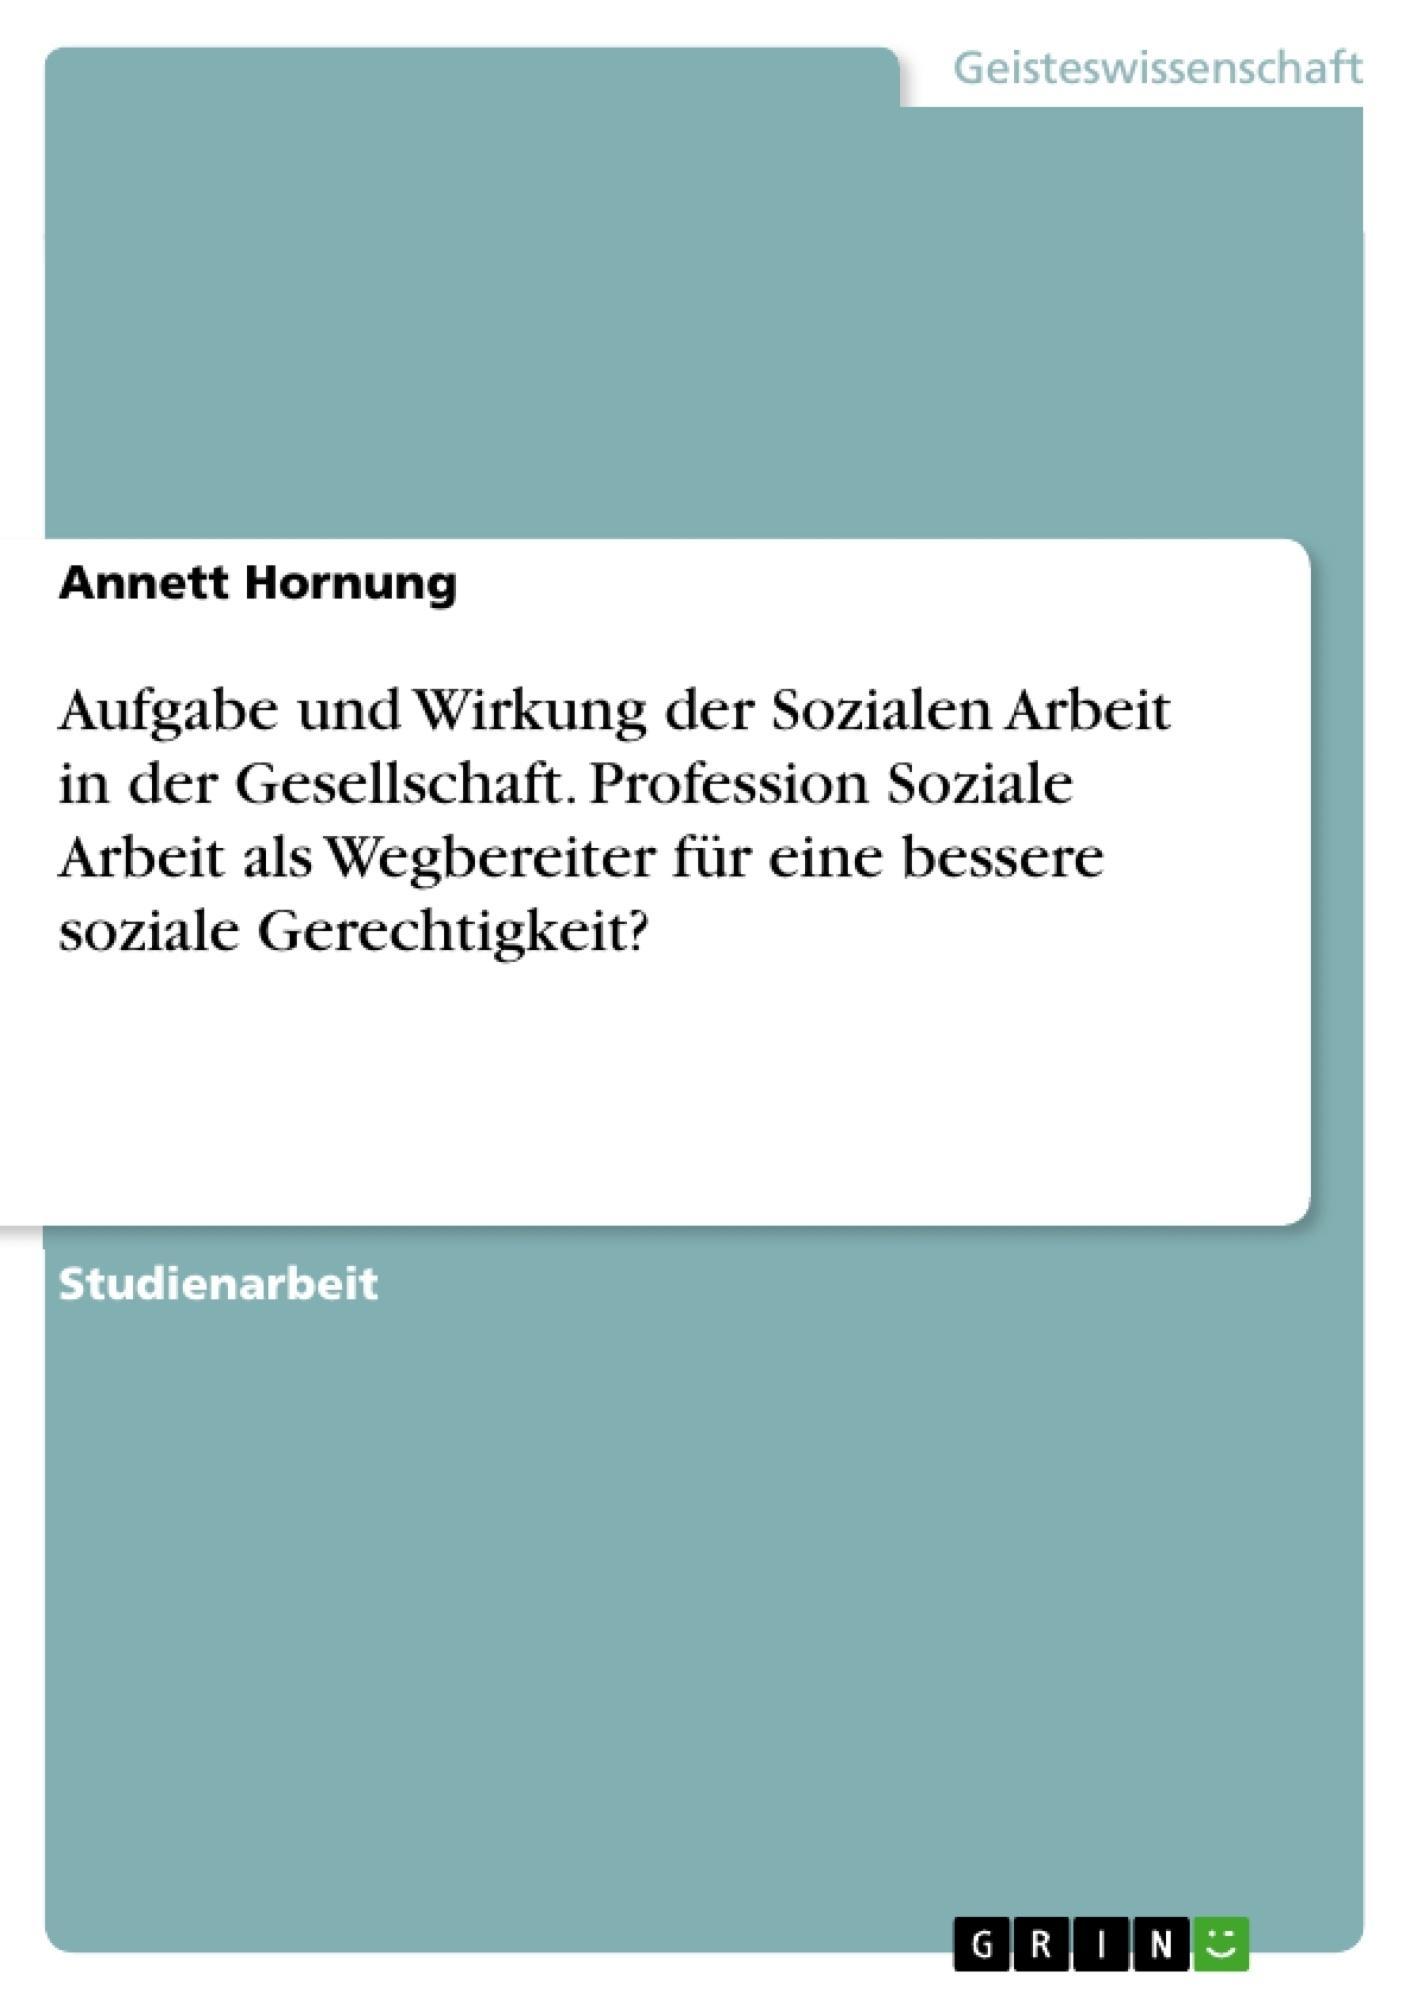 Titel: Aufgabe und Wirkung der Sozialen Arbeit in der Gesellschaft. Profession Soziale Arbeit als Wegbereiter für eine bessere soziale Gerechtigkeit?